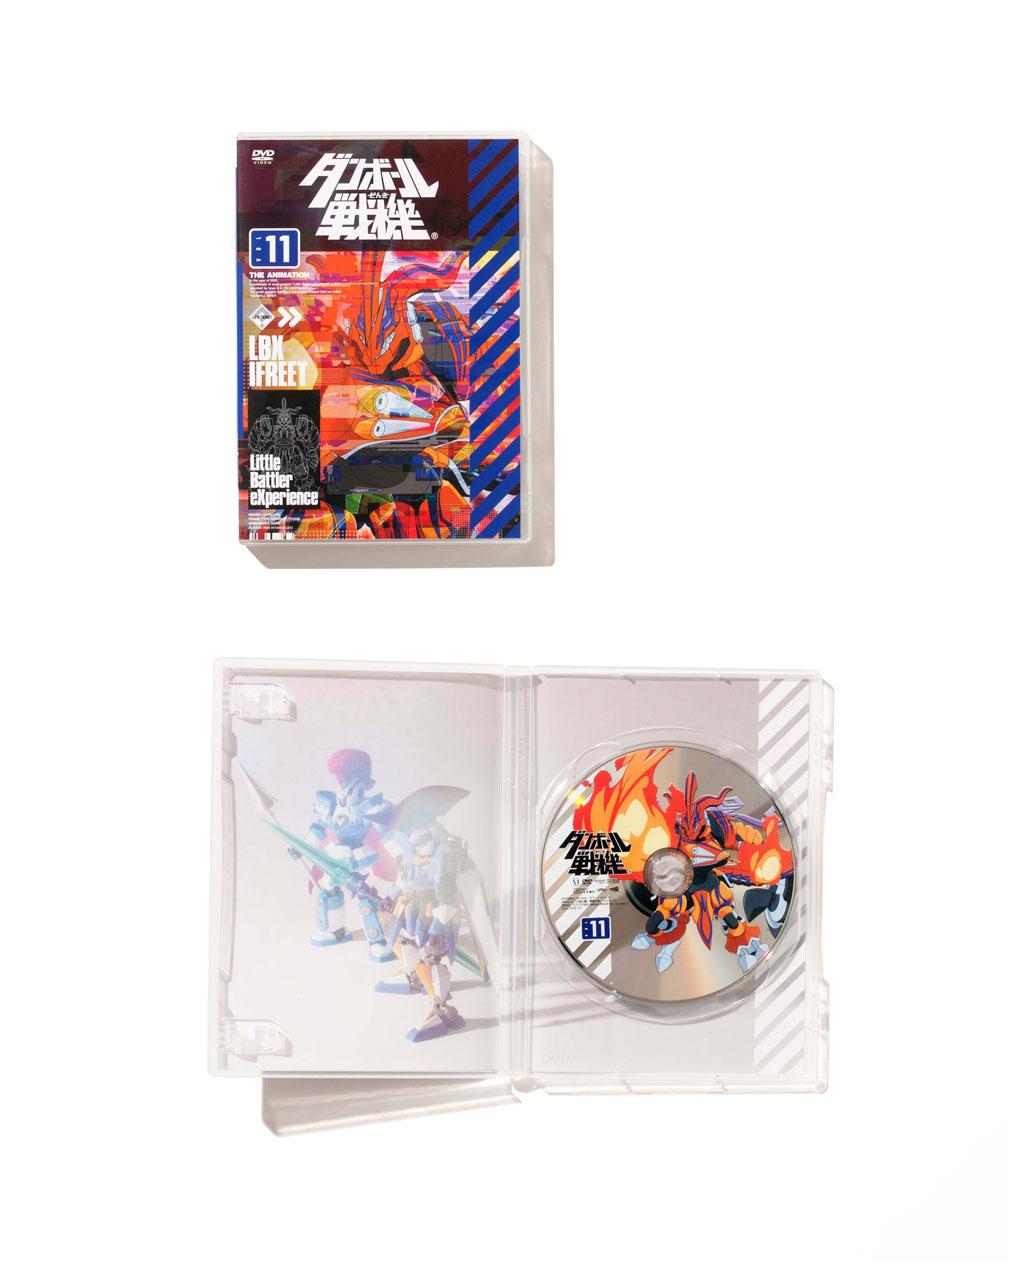 ダンボール戦機DVD